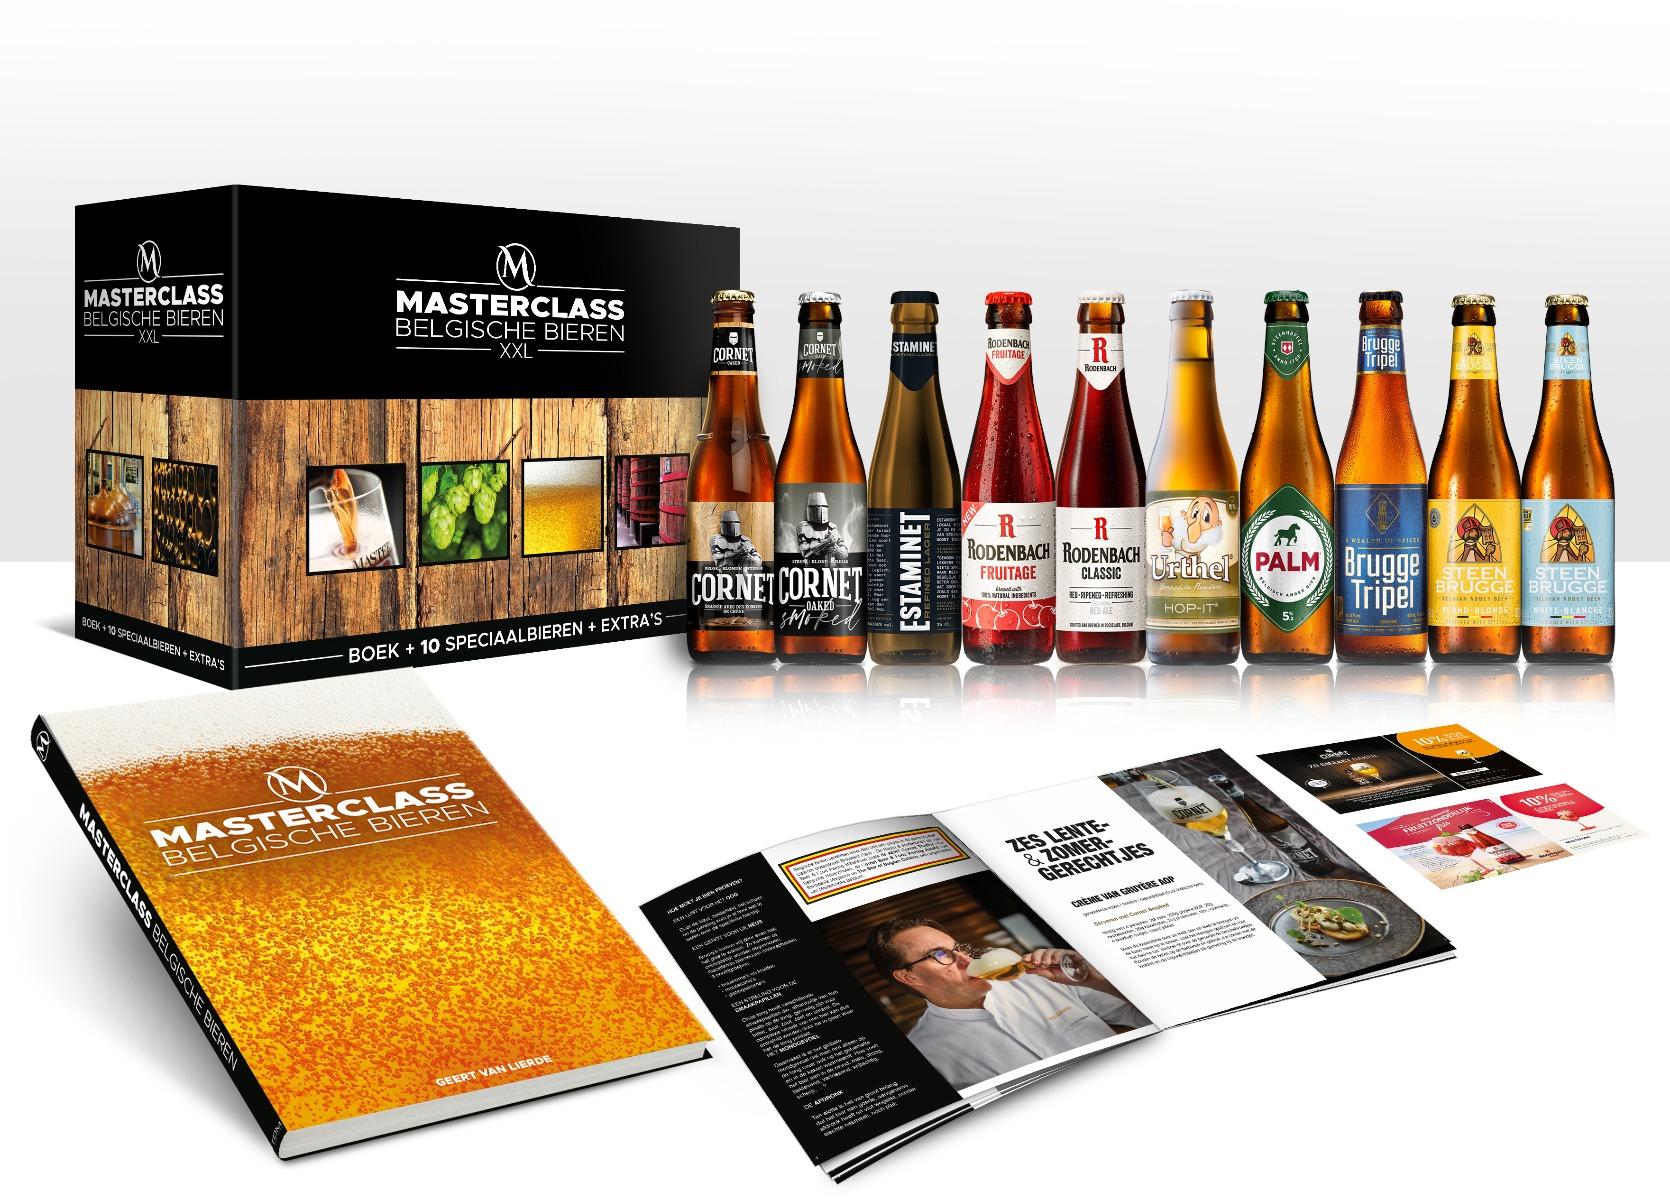 Box Belgische bieren